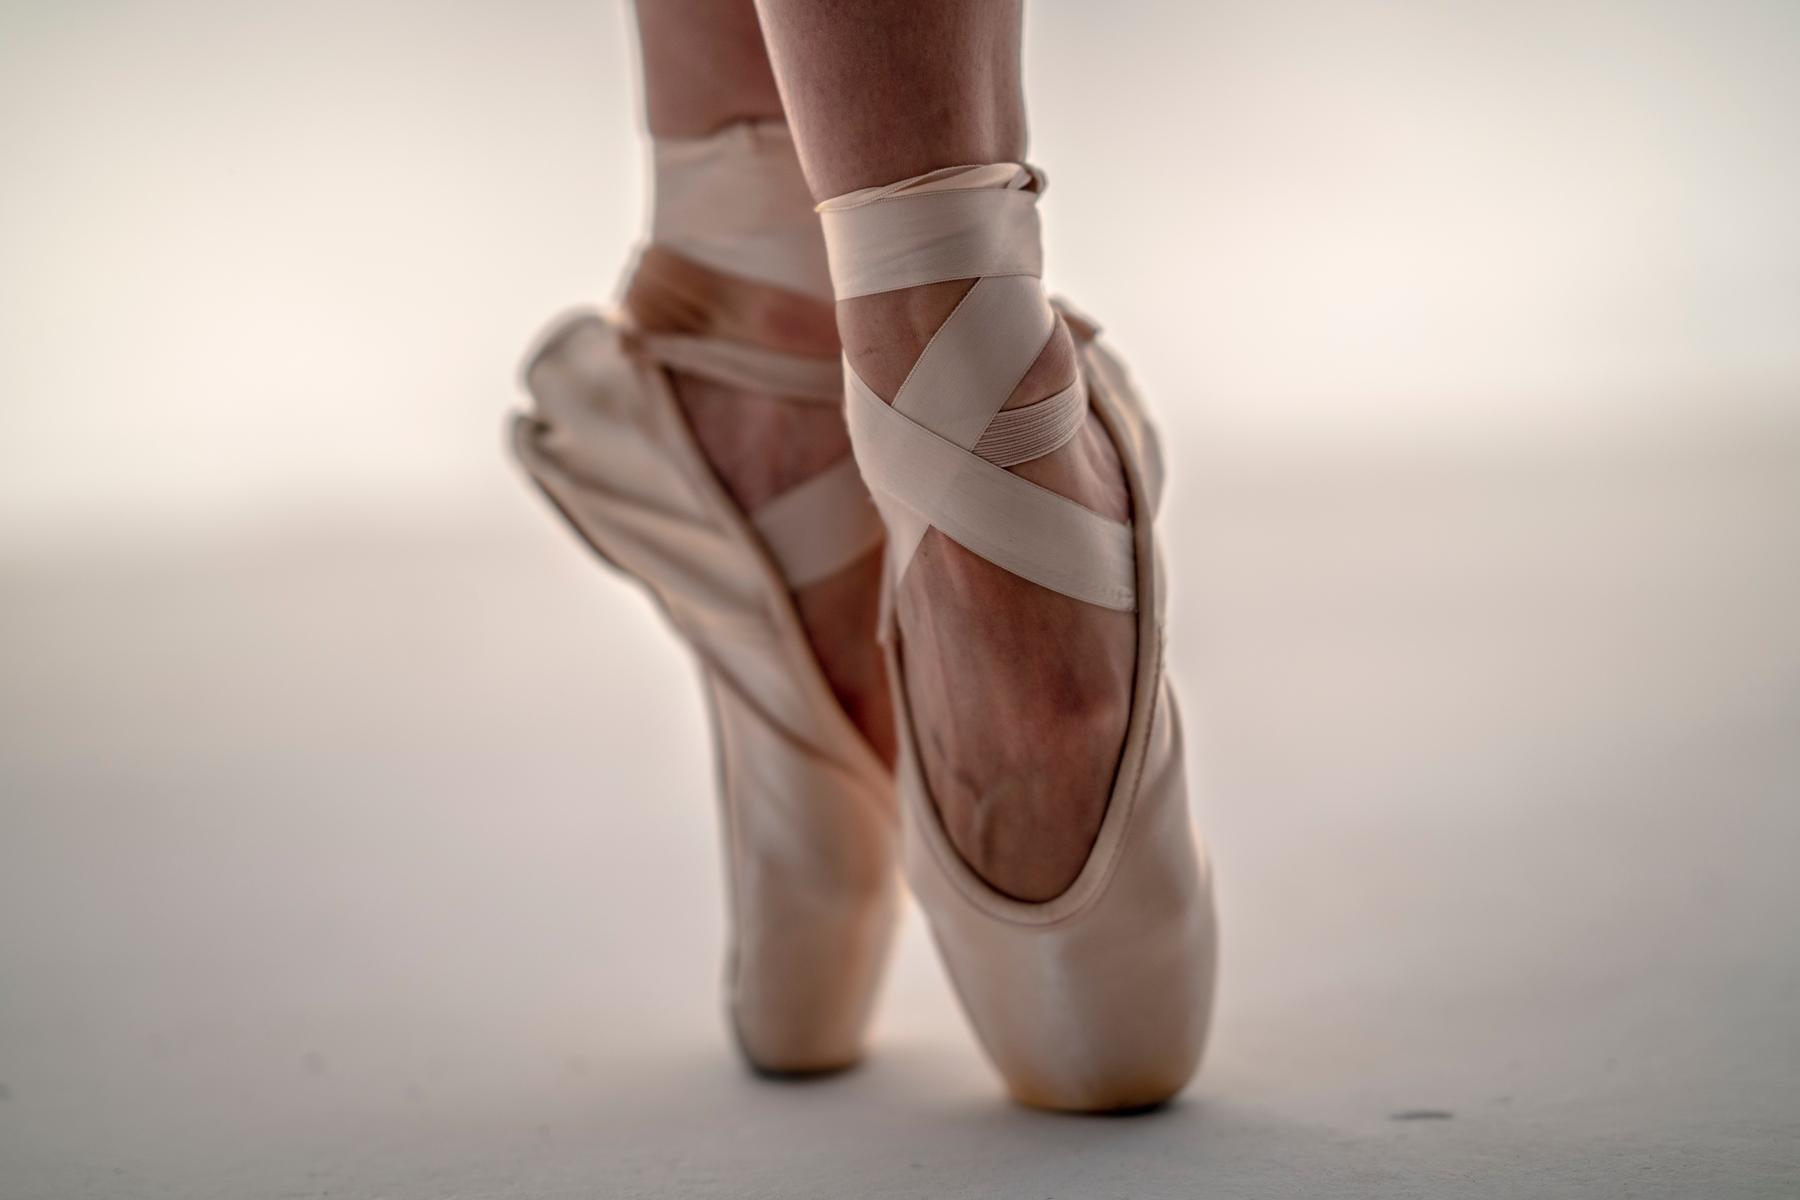 5 érv, hogy táncra perdüljünk | A tánc előnyei